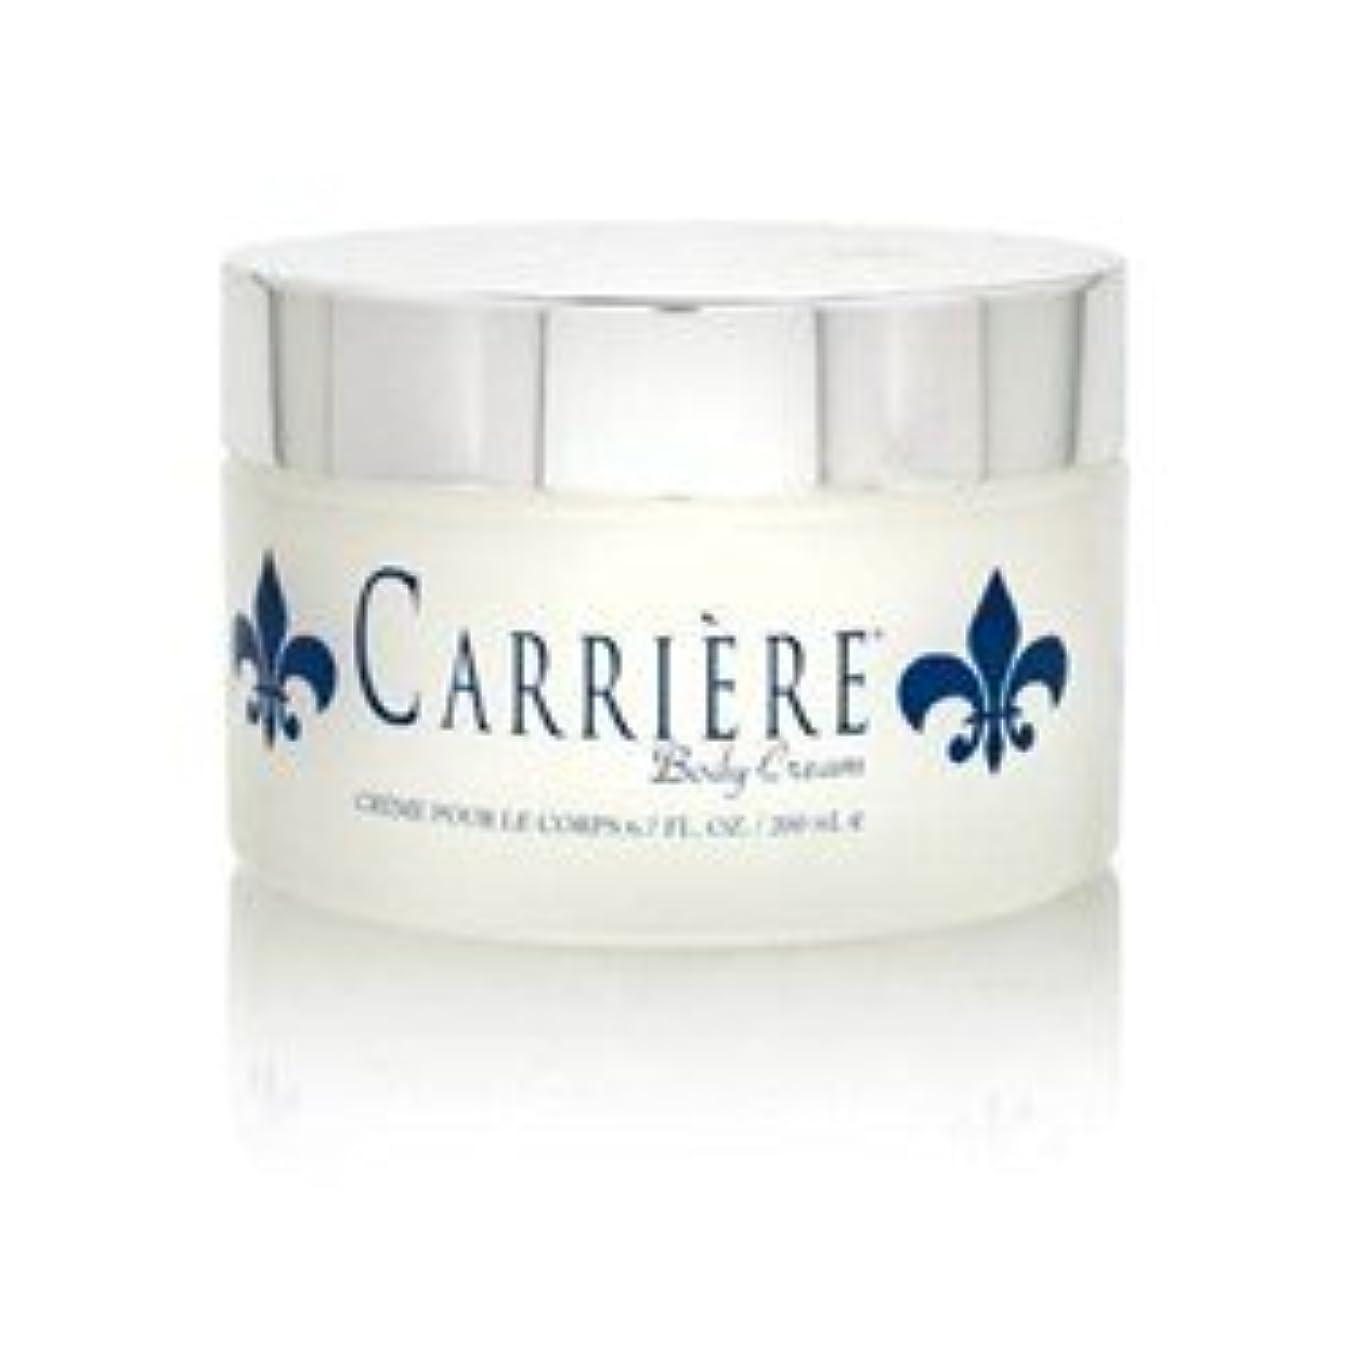 マトリックスコンバーチブル硬さCarriere (キャリアー)  6.7 oz (200ml) Perfumed Body Cream (ボディークリーム) by Gendarme for Women